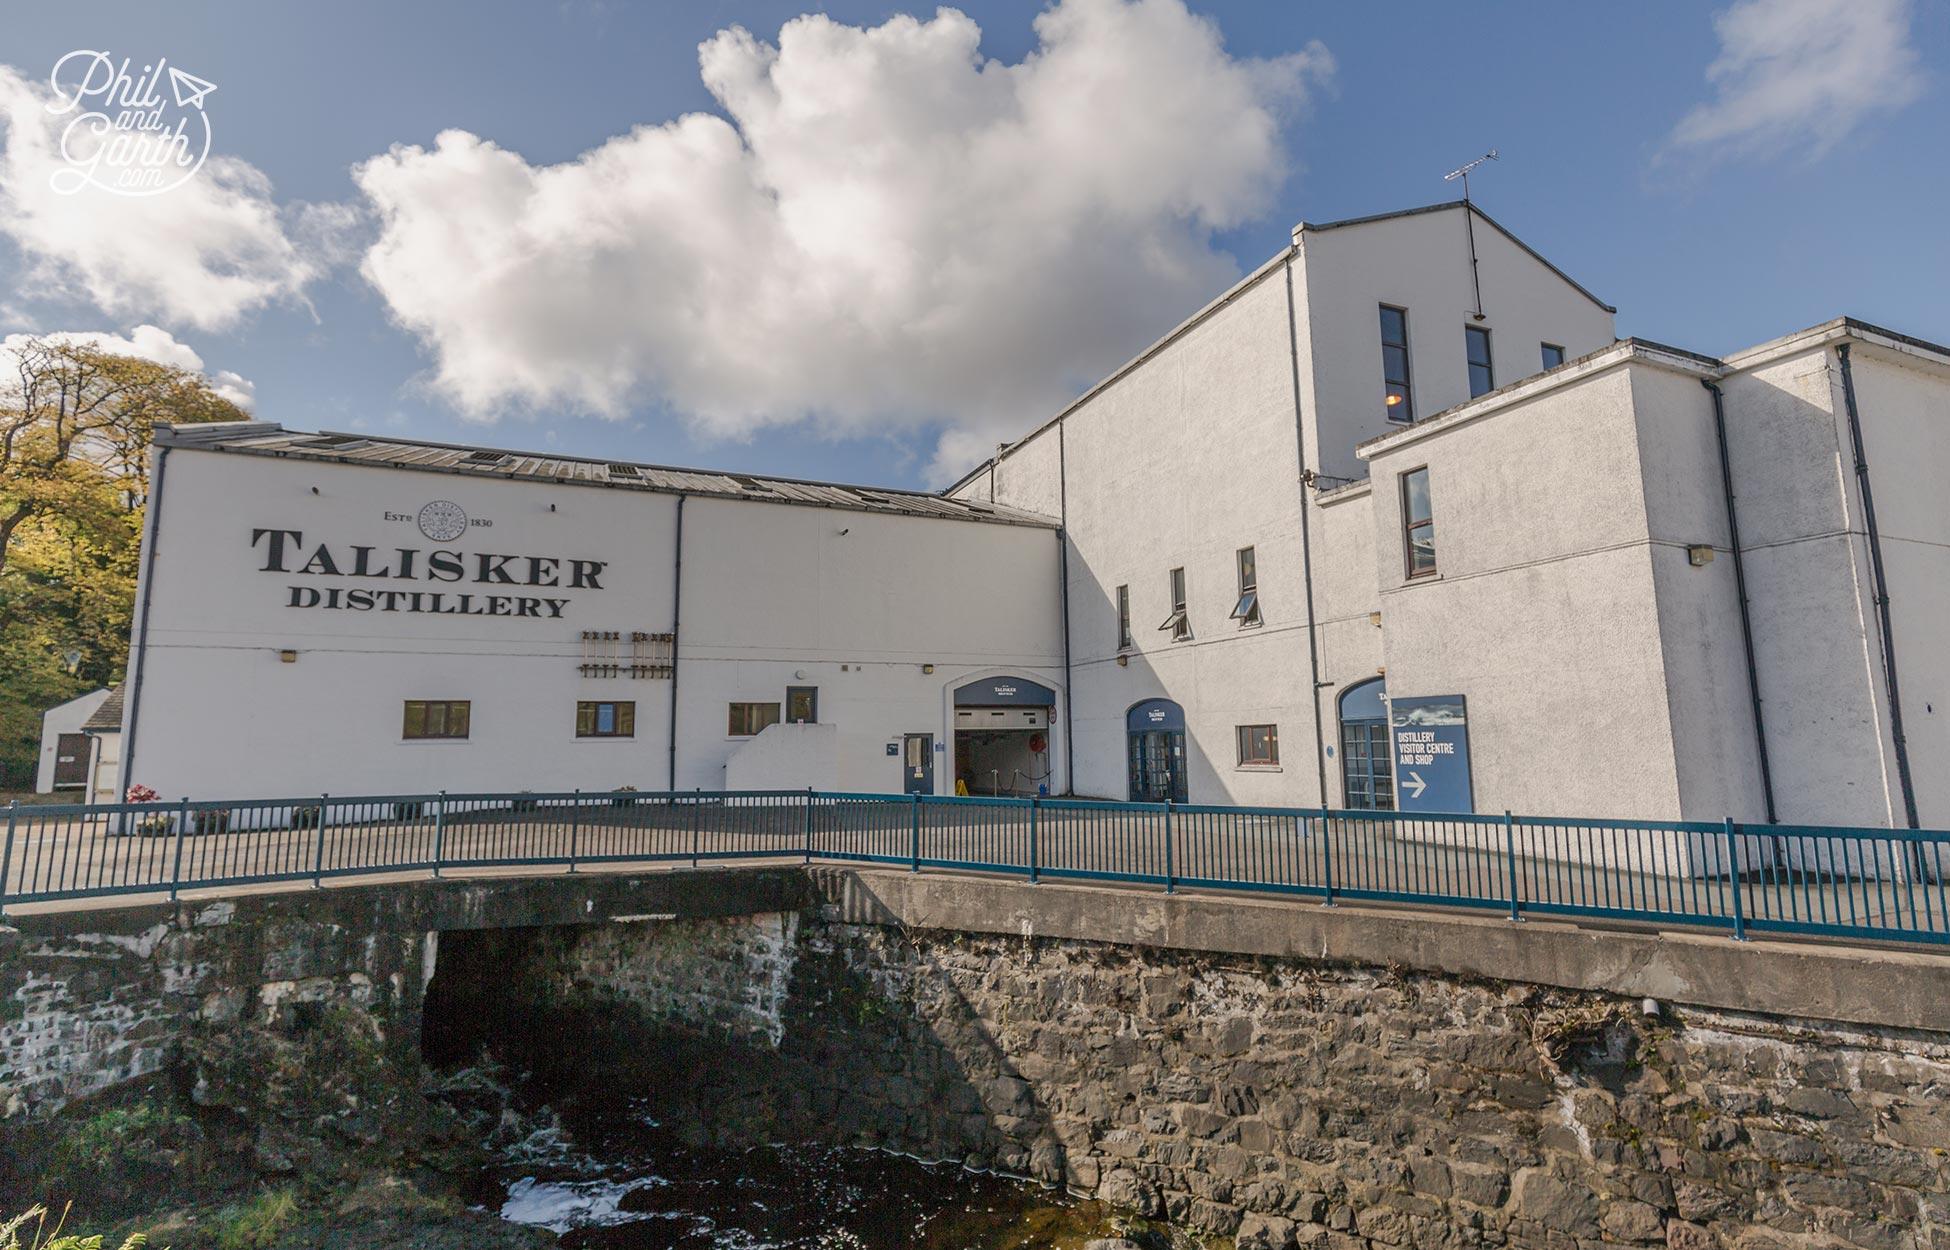 The Talisker Distillery Isle of Skye